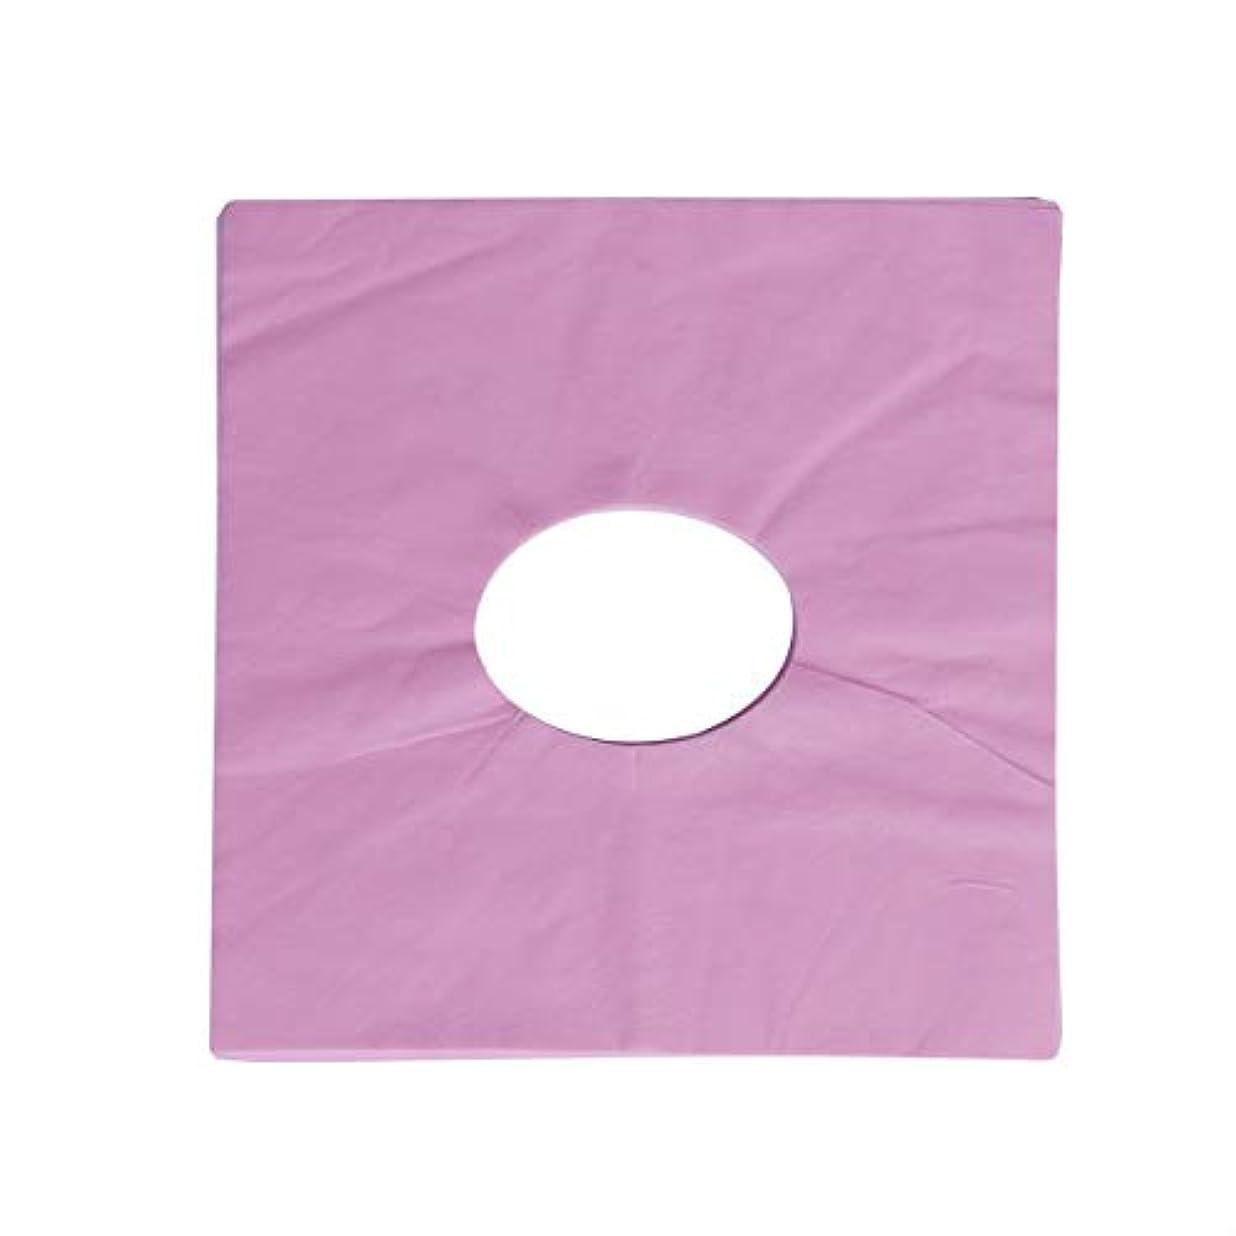 悪因子裁判所怠けたHealifty 100ピース使い捨てマッサージフェイスクレードルカバーフェイスマッサージヘッドレストカバースパ用美容院マッサージ(ピンク)